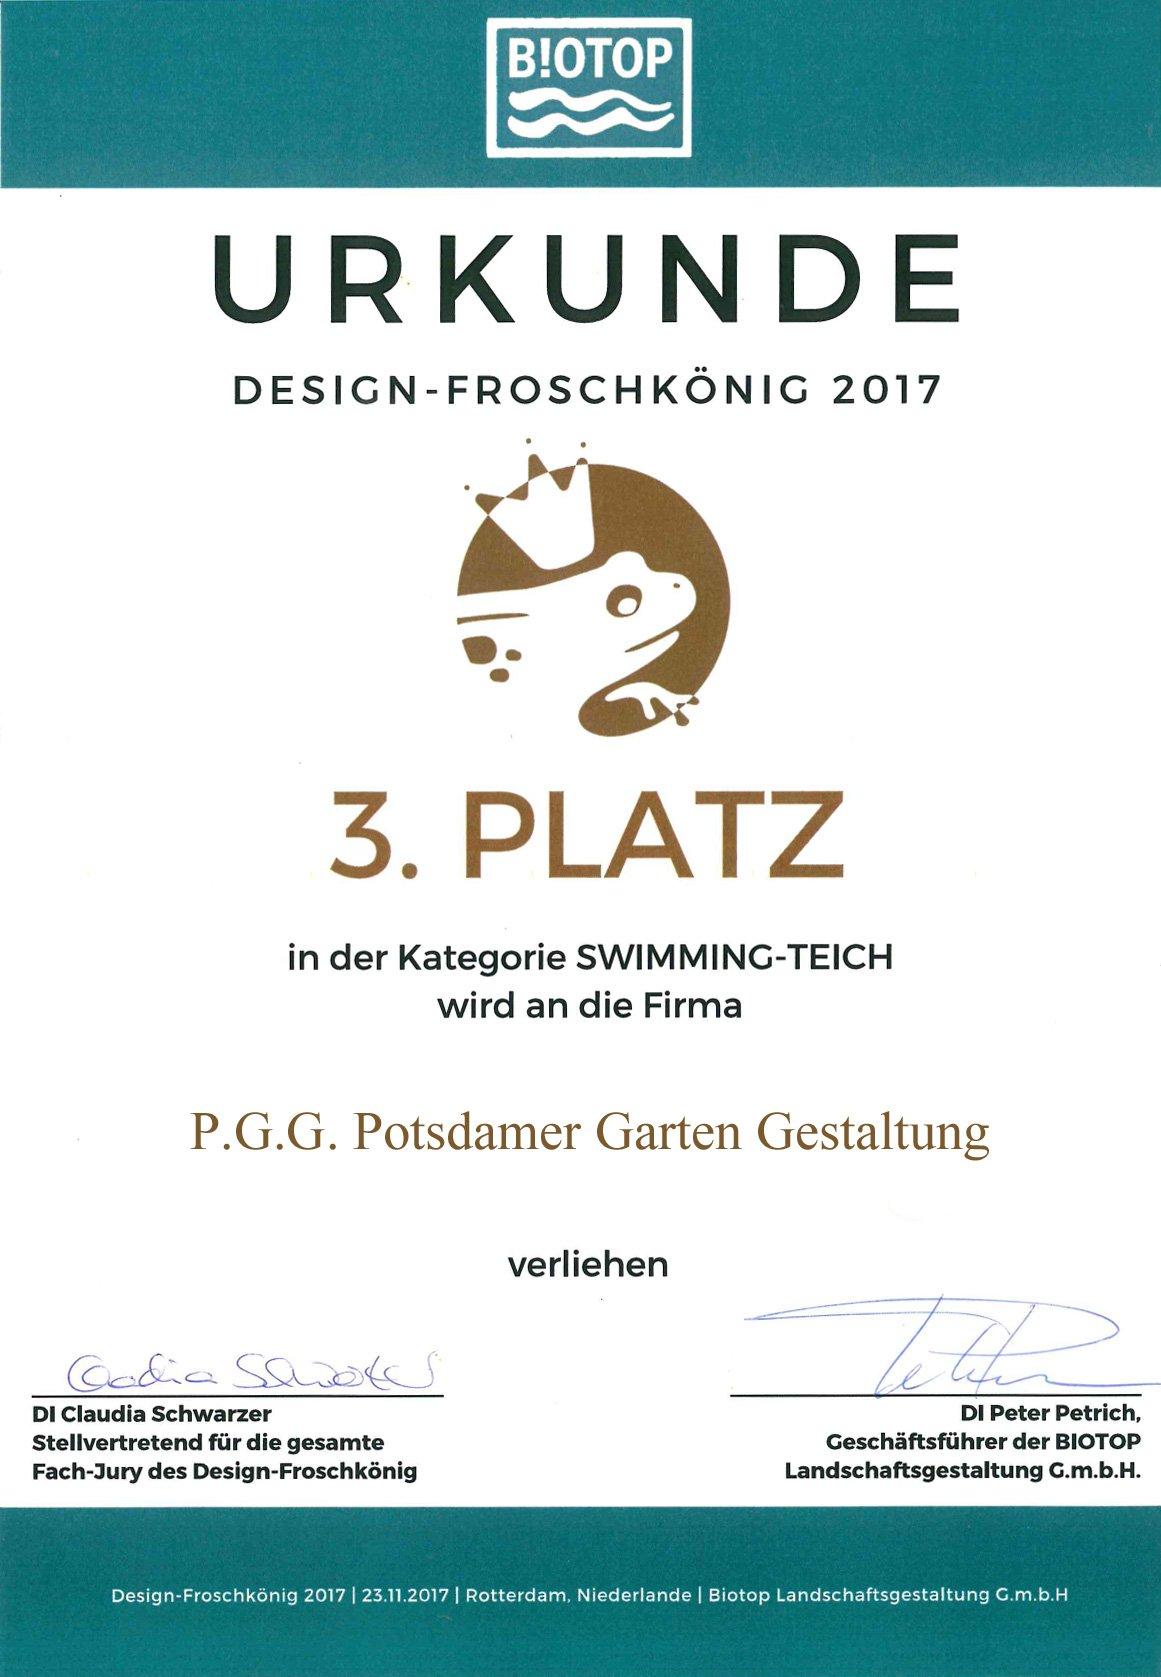 Potsdamer Garten Gestaltung Auszeichnung Design Froschkönig